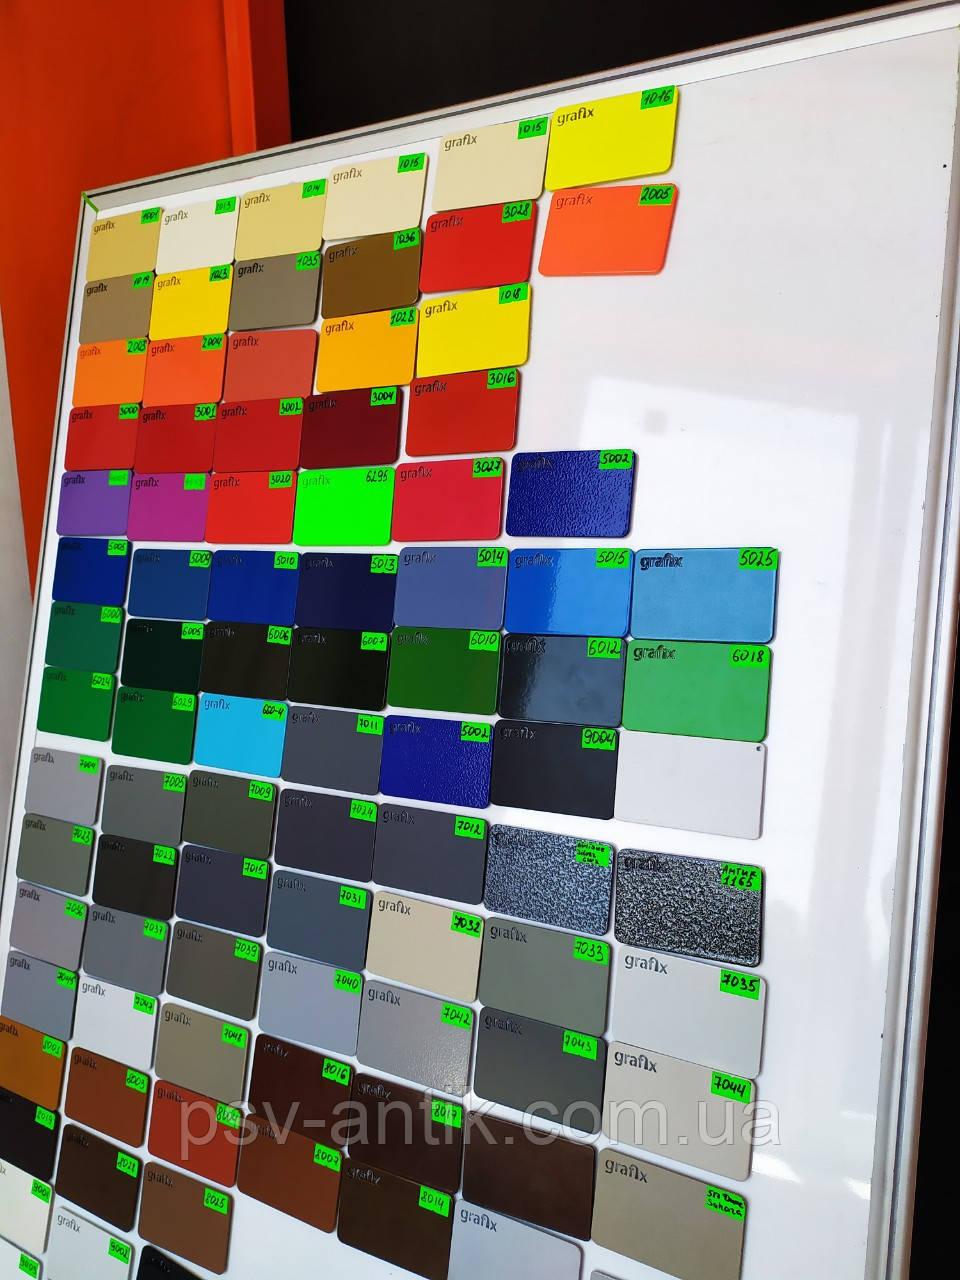 Порошковая краска матовая, полиэфирная, архитектурная, 3005